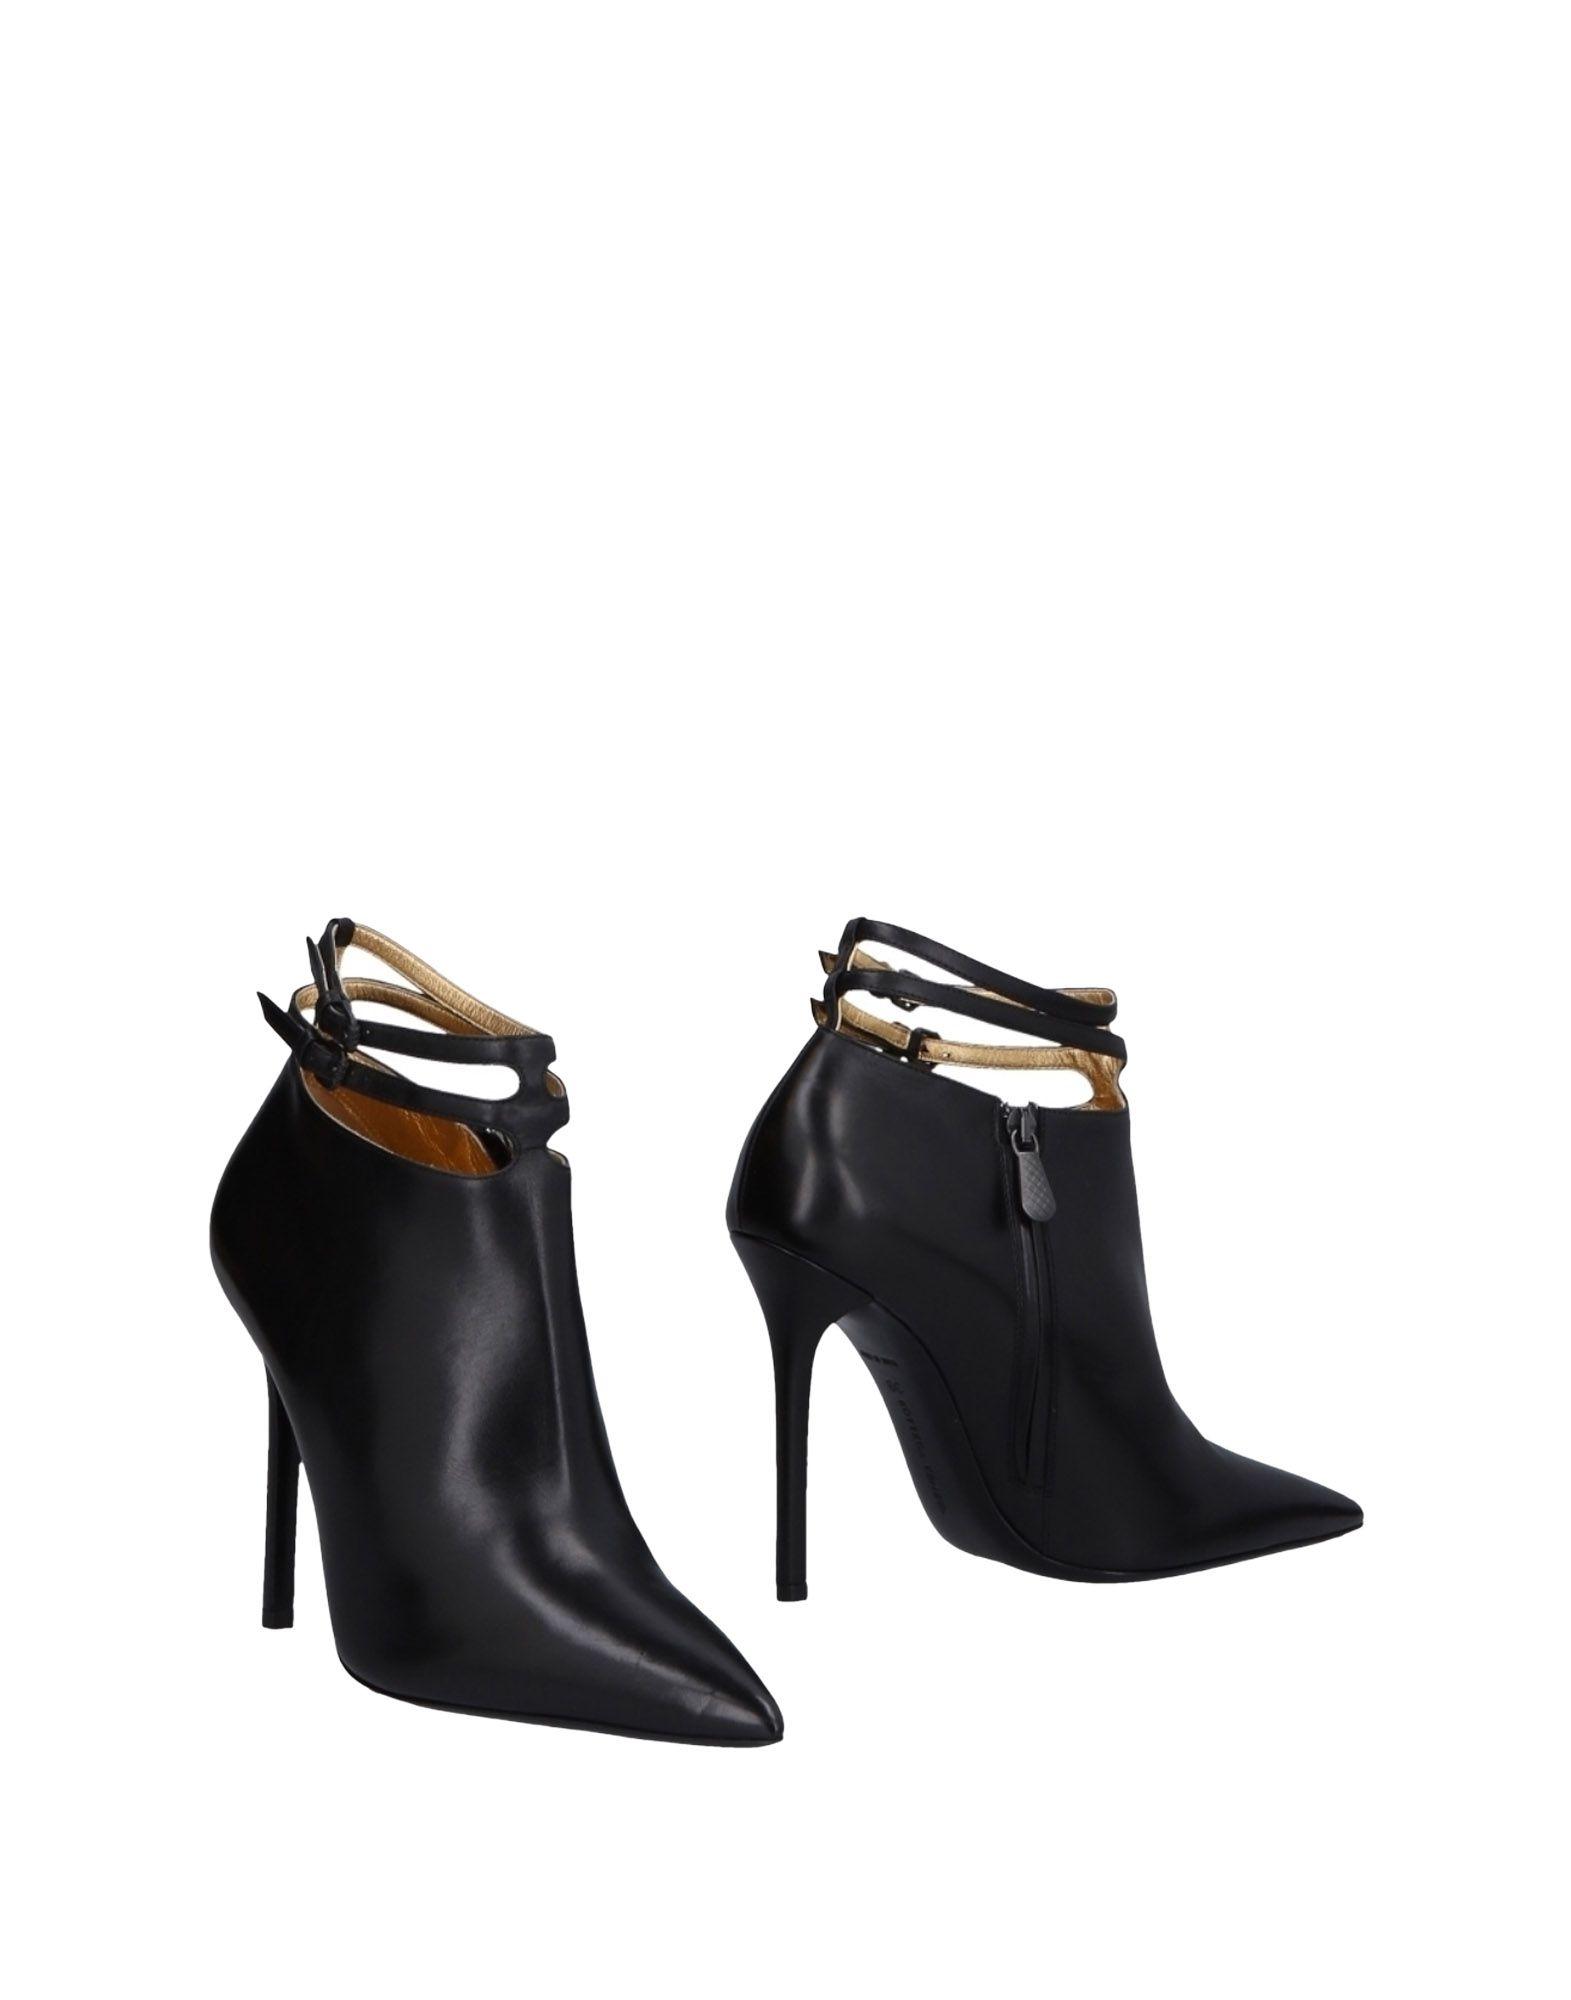 Bottega 11477293AW Veneta Stiefelette Damen  11477293AW Bottega Neue Schuhe b3962e